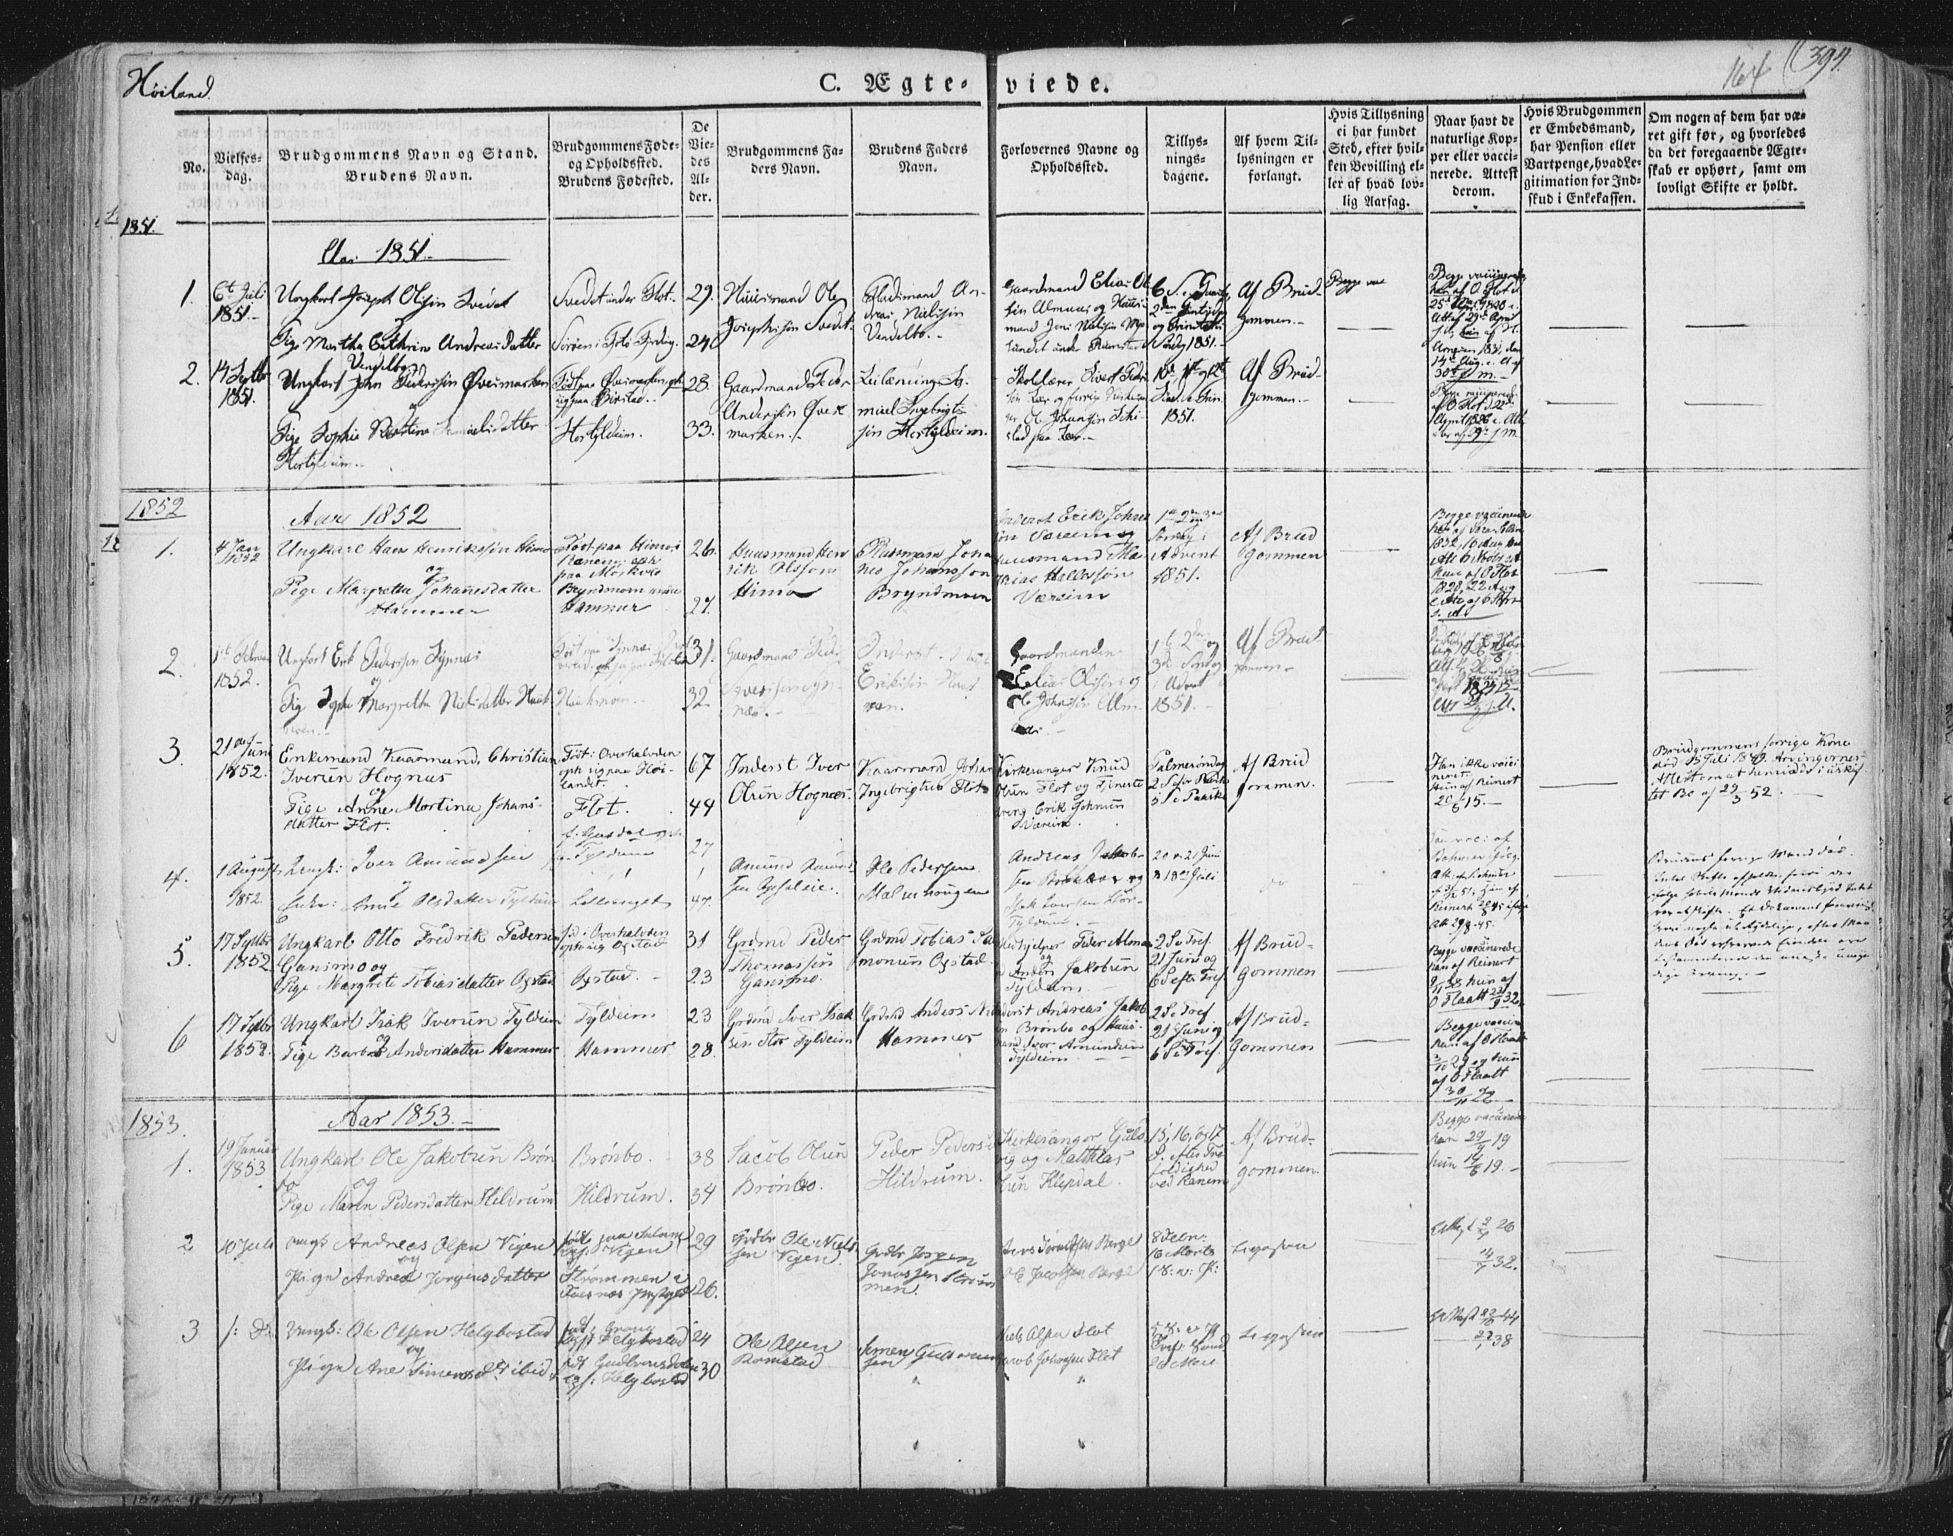 SAT, Ministerialprotokoller, klokkerbøker og fødselsregistre - Nord-Trøndelag, 758/L0513: Ministerialbok nr. 758A02 /2, 1839-1868, s. 164